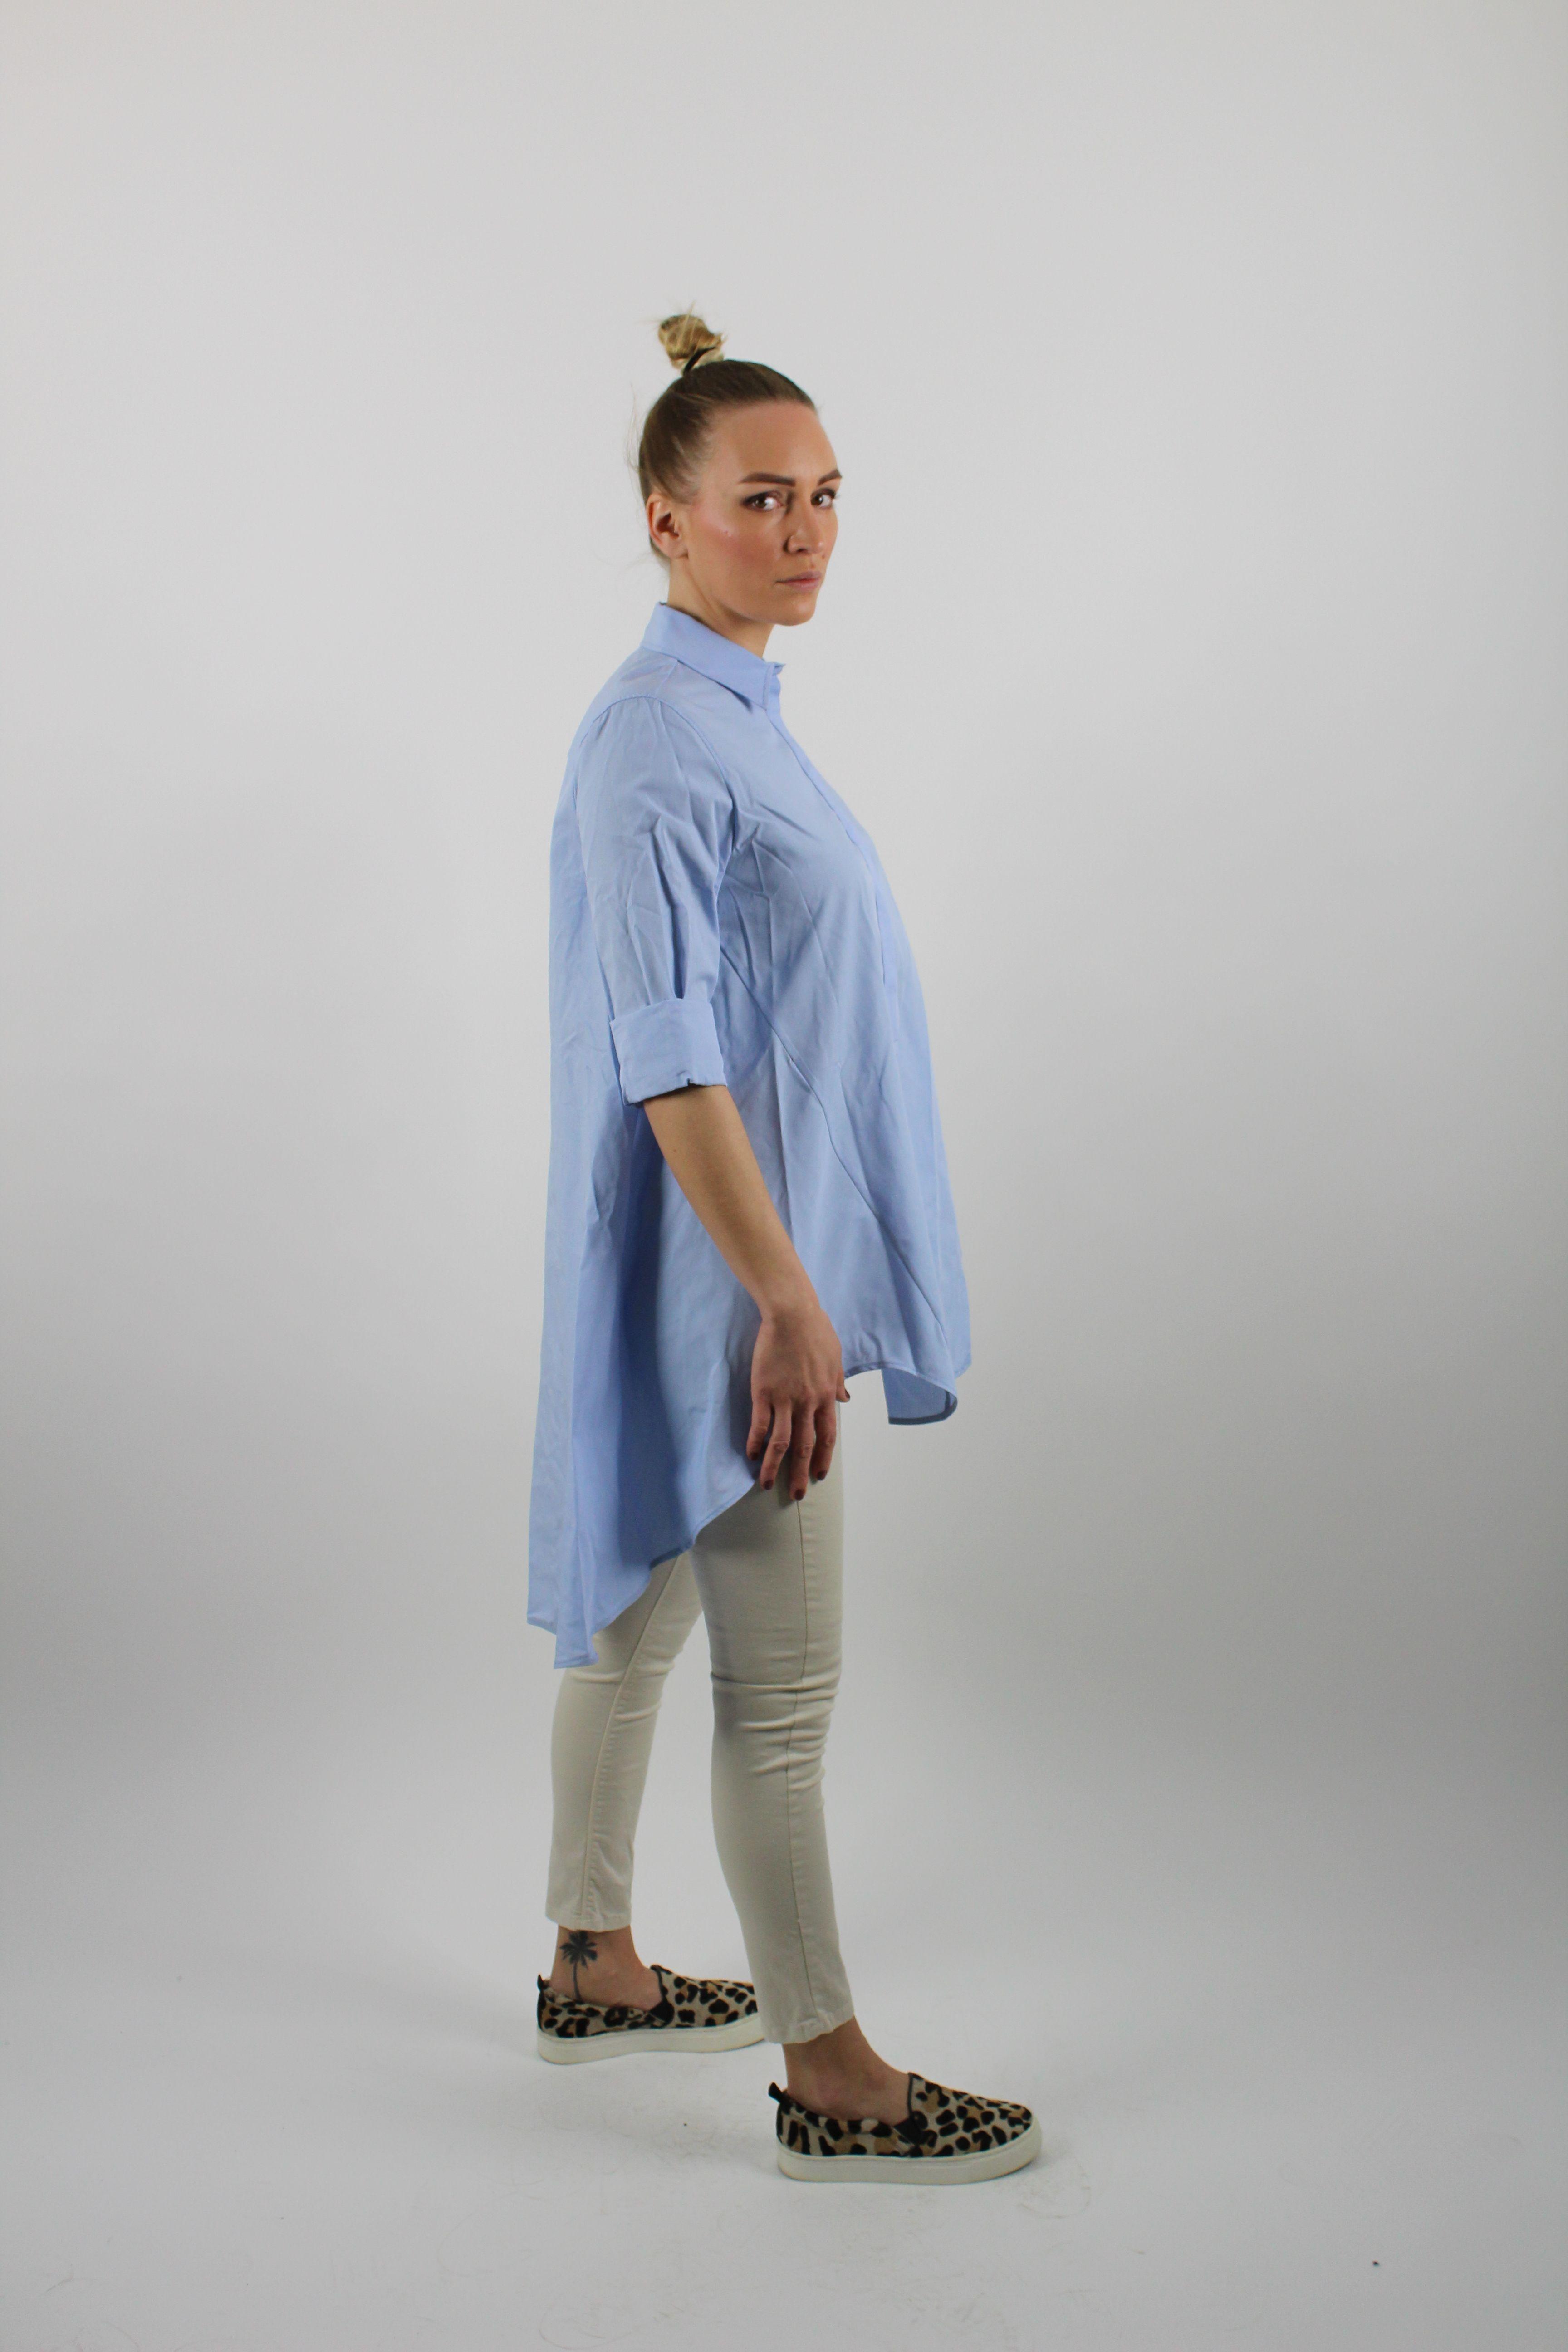 2fca740d1aa Predĺžená dámska košeľa - Brands Made in Italy